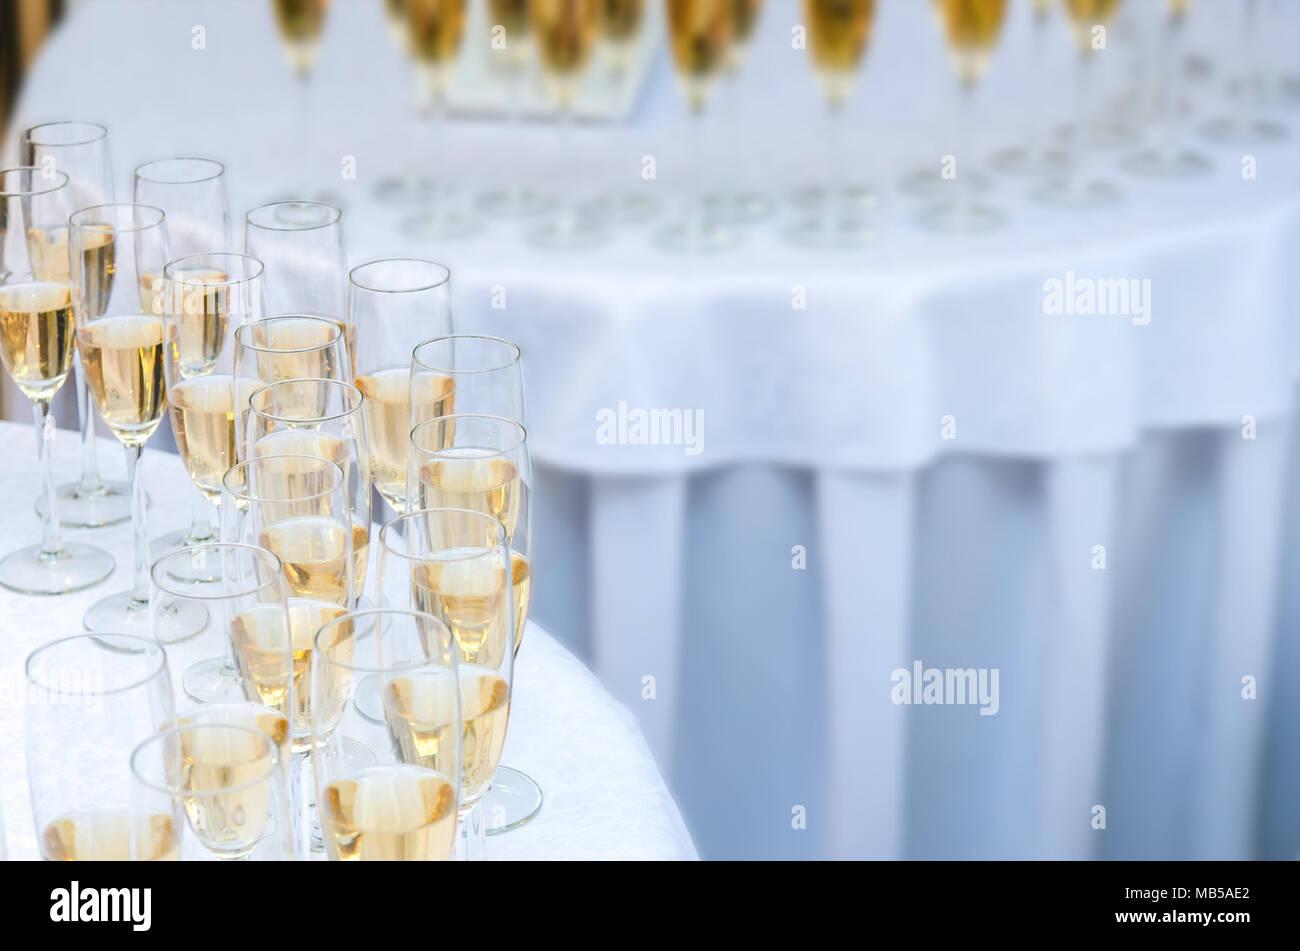 Beaucoup de verres à vin avec un champagne ou vin blanc sur la table ronde. Arrière-plan de l'alcool Photo Stock